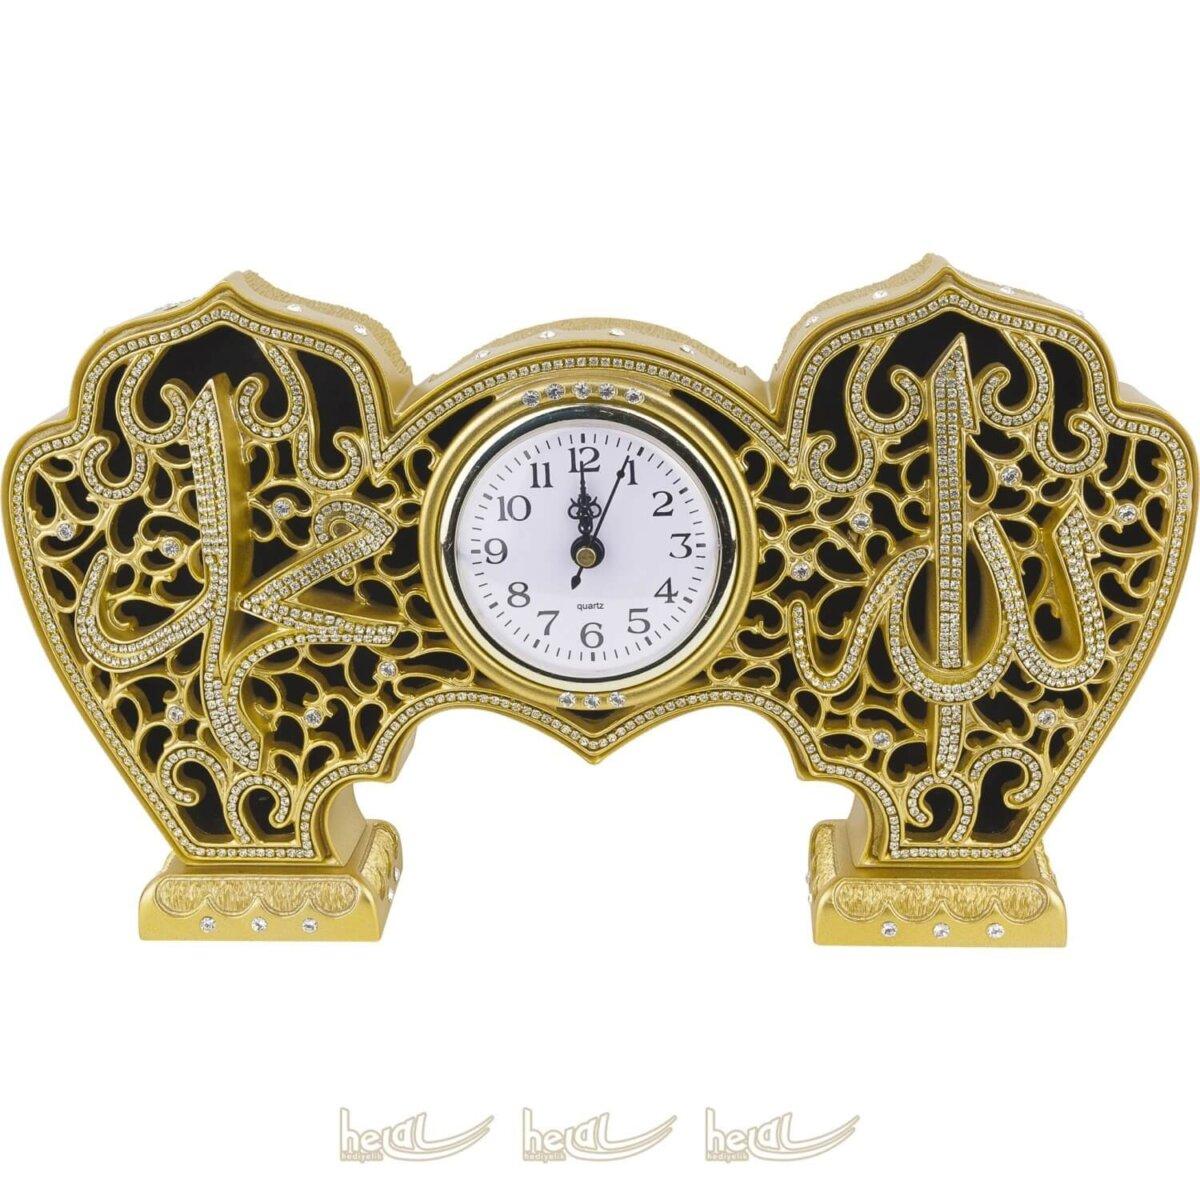 Allah cc. – Muhammed sav. Köprülü Masa Üstü Saatli Kristal Taşlı Lüks Biblo ( 19×33 cm) Biblolar